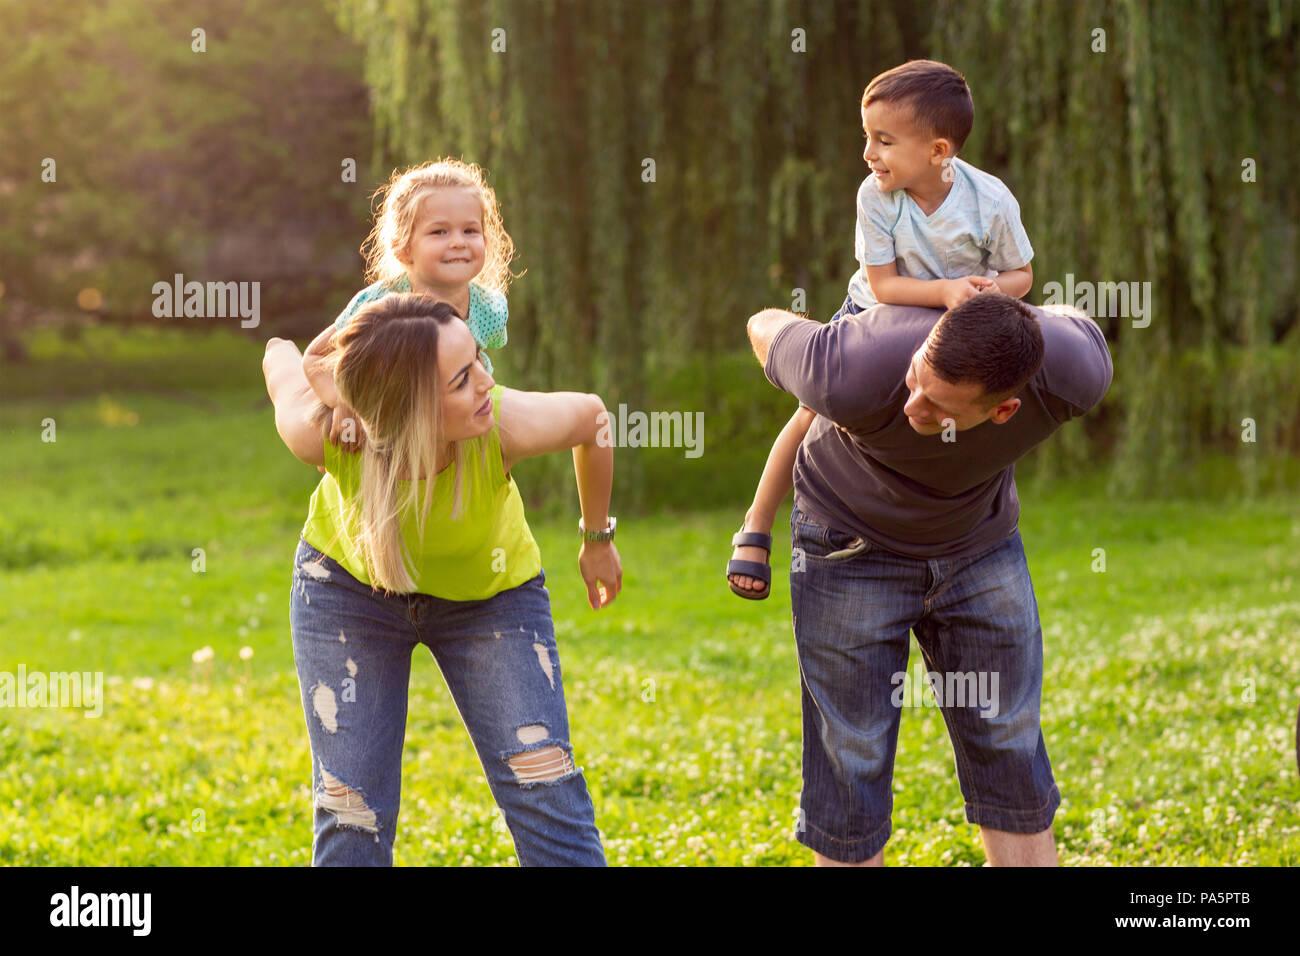 Heureux les parents qui piggyback ride aux enfants Photo Stock